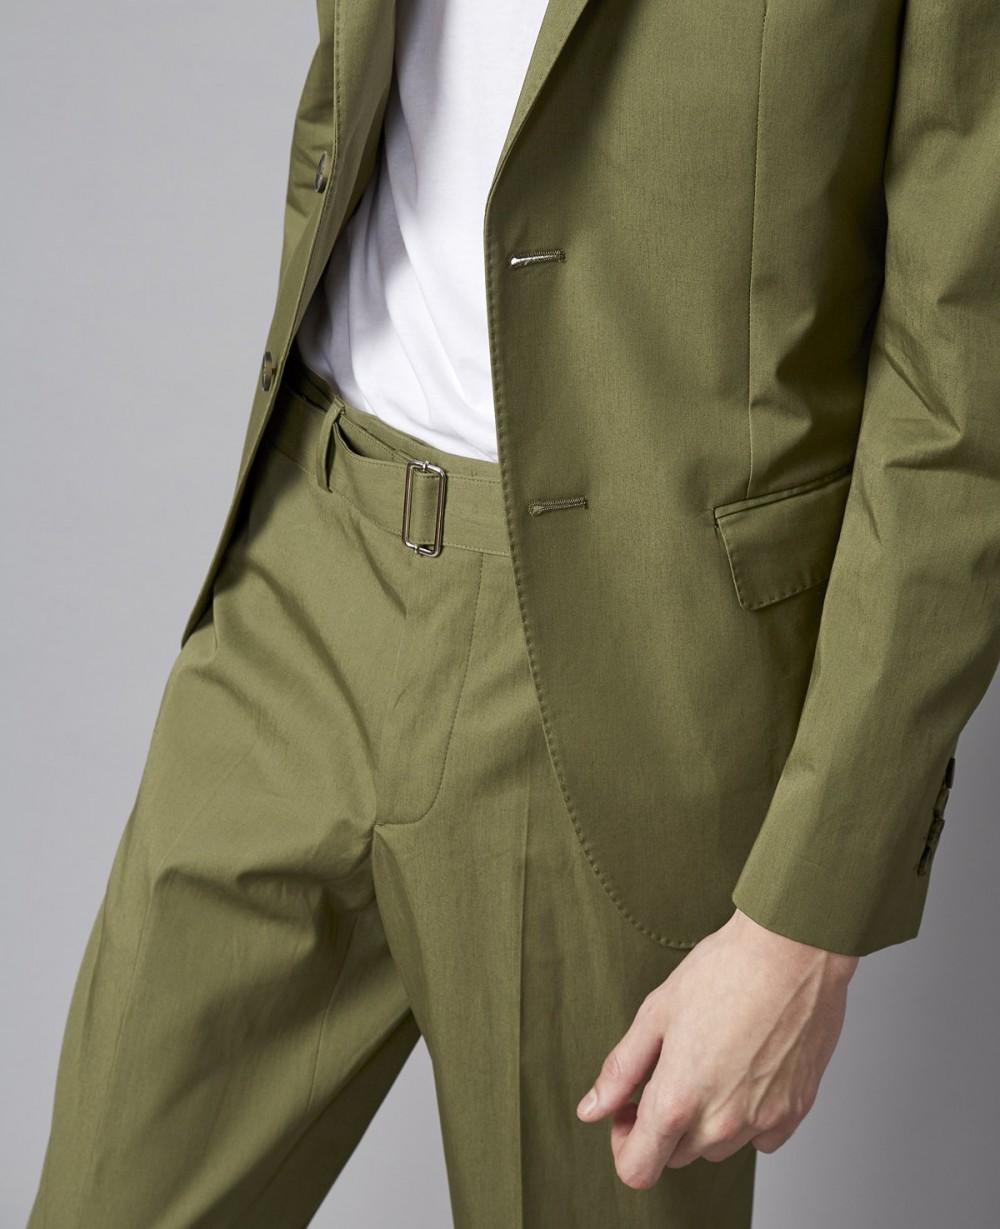 veste-375-twill-de-coton-italien.jpg